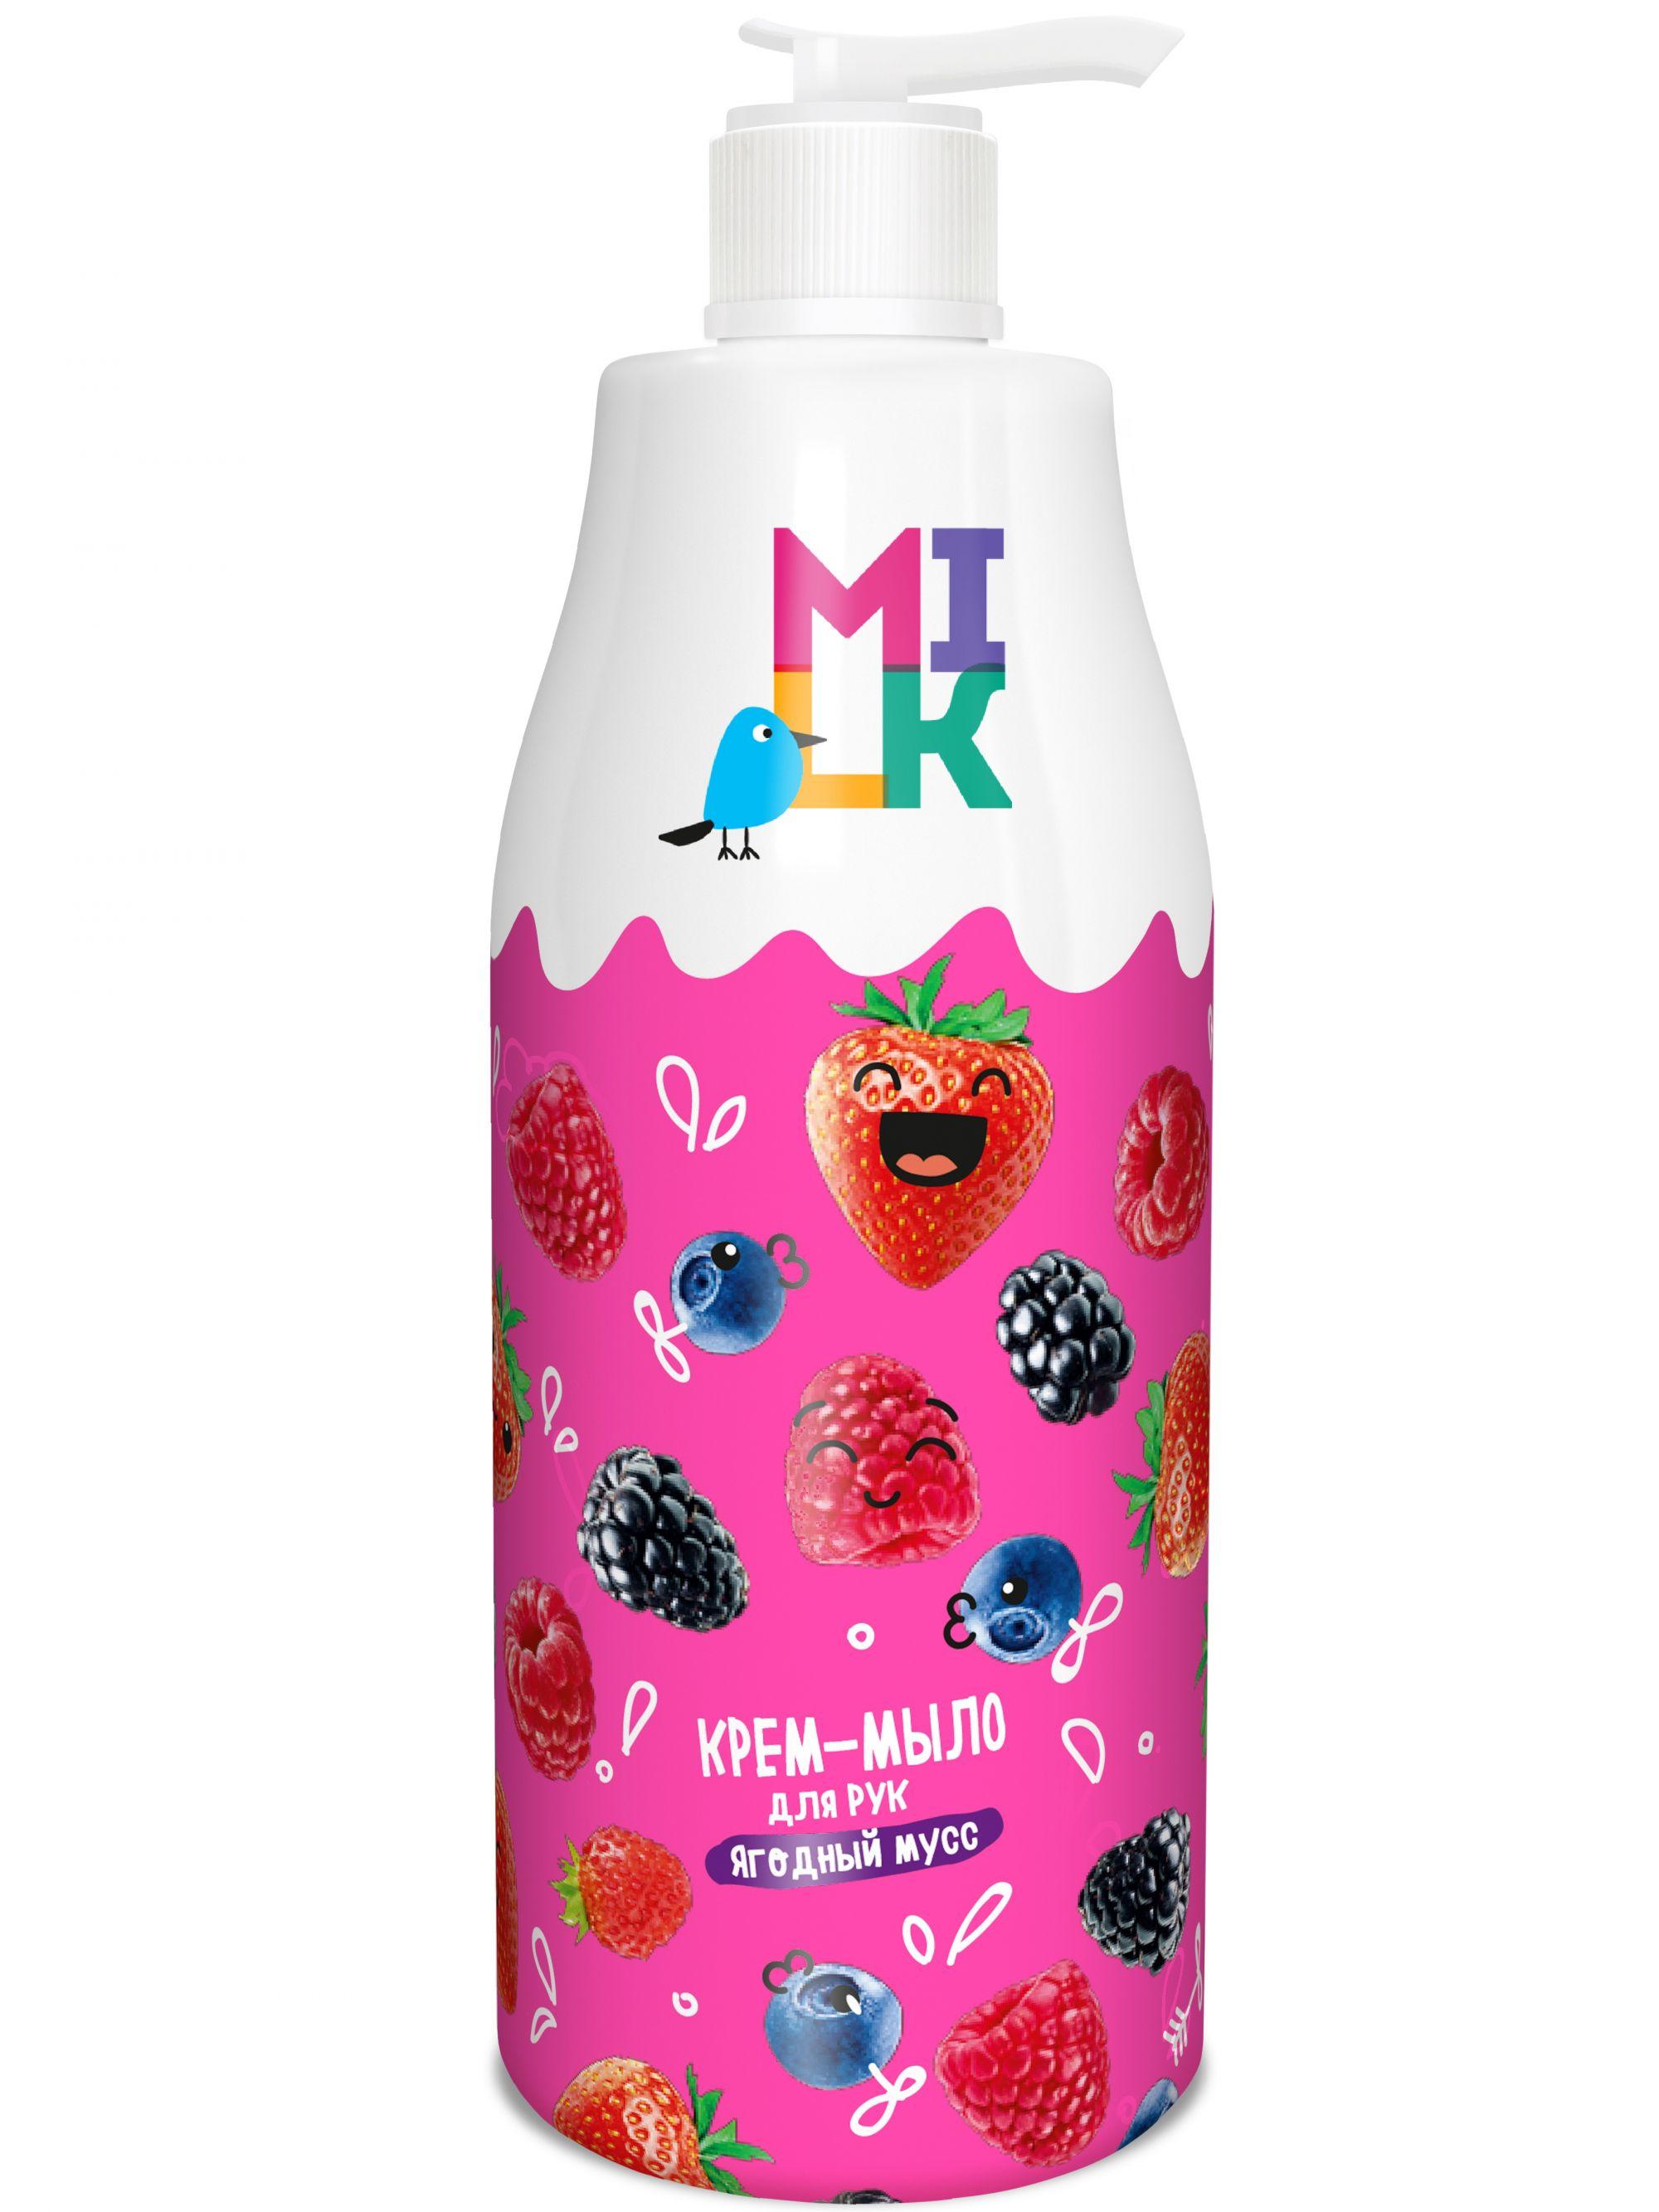 Купить Крем-мыло для рук MILK ягодный мусс 500 мл